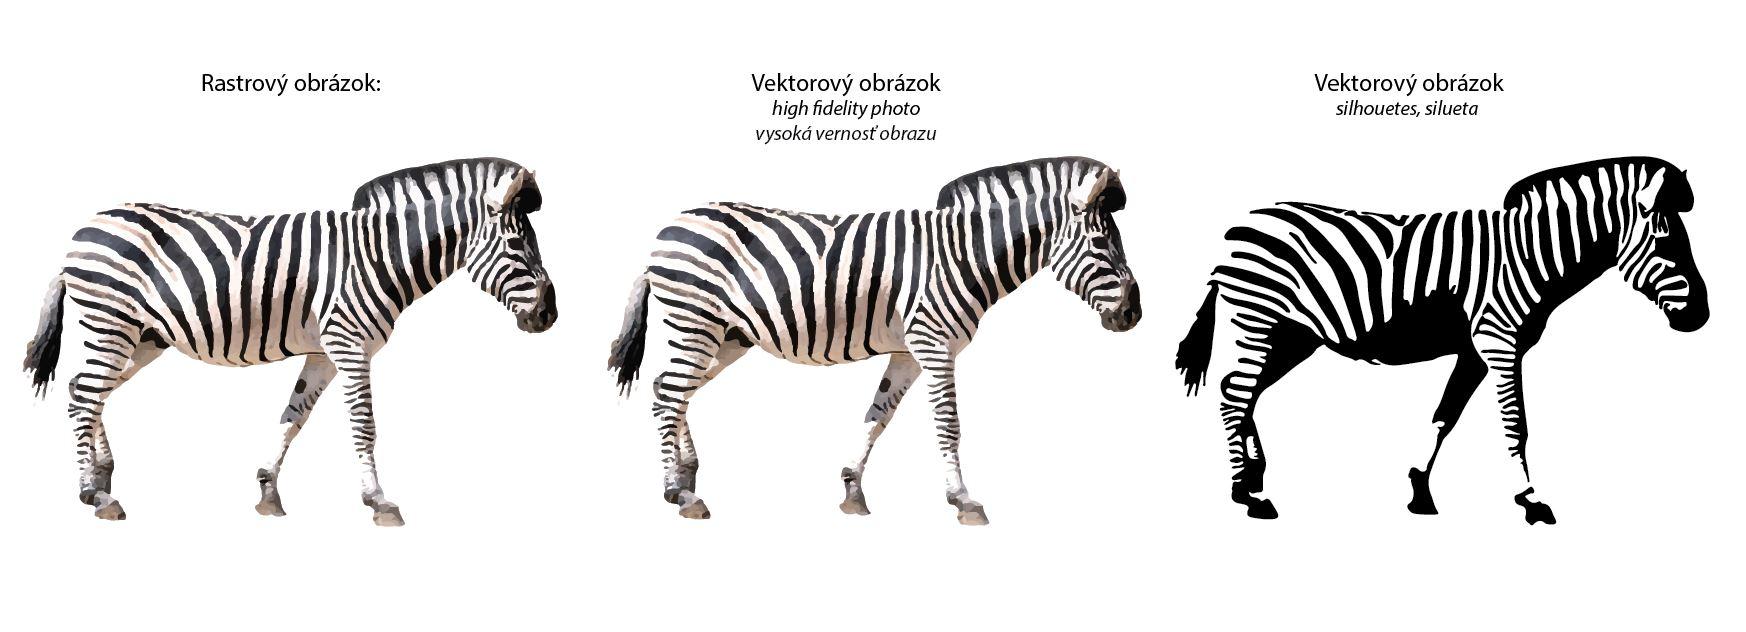 adobe illustrator - zebra ako priklad vektorizacie obrazu